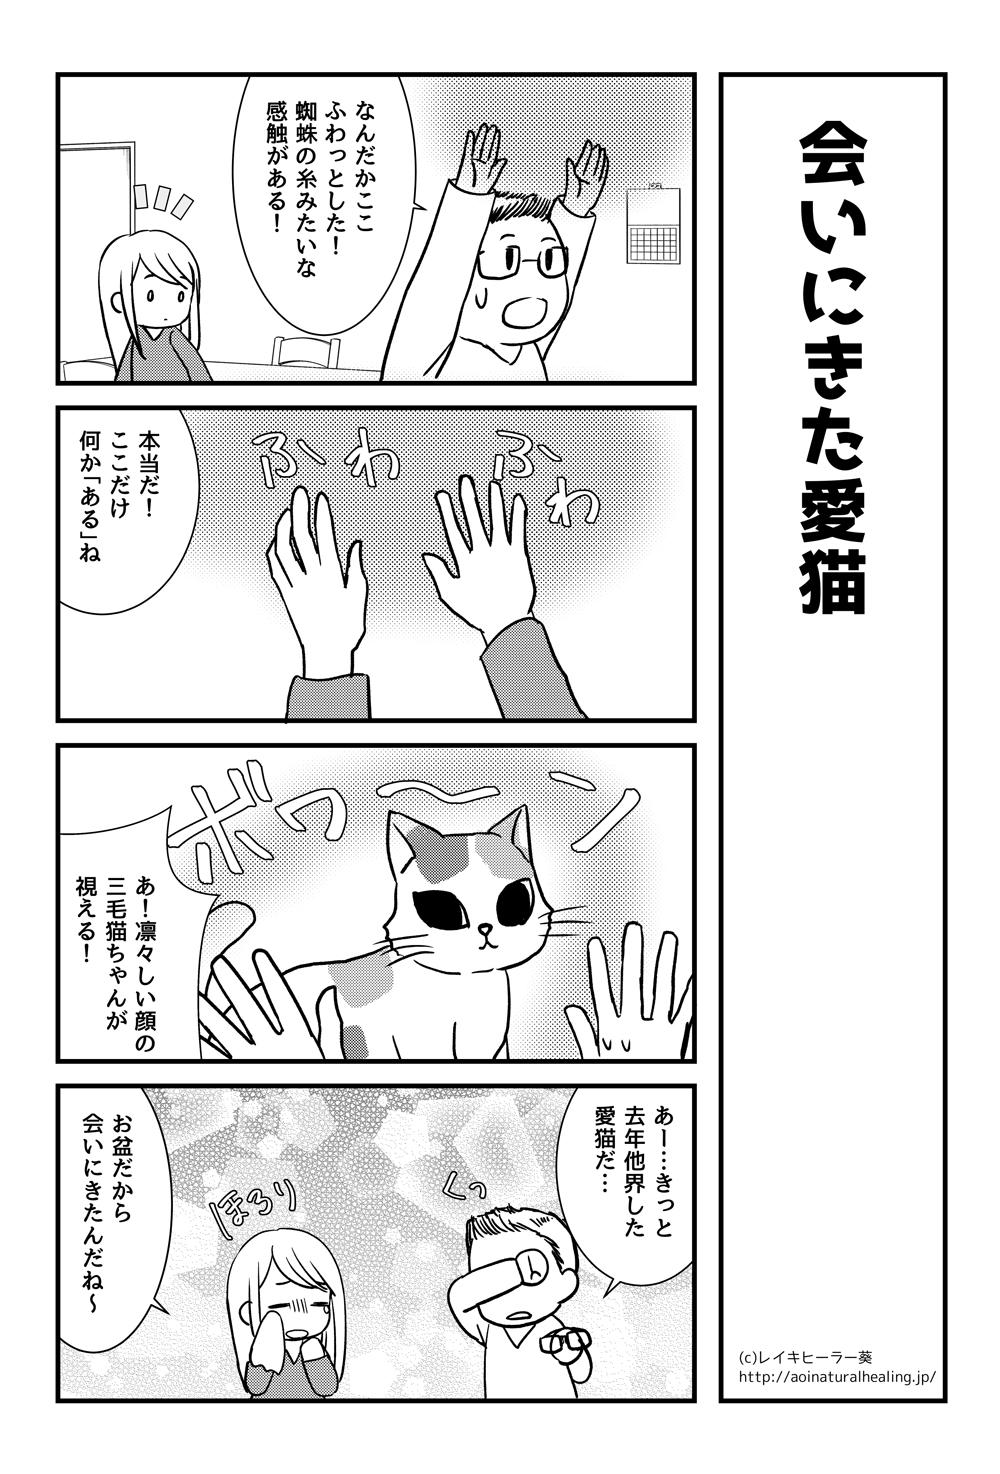 スピリチュアル漫画会いにきた愛猫